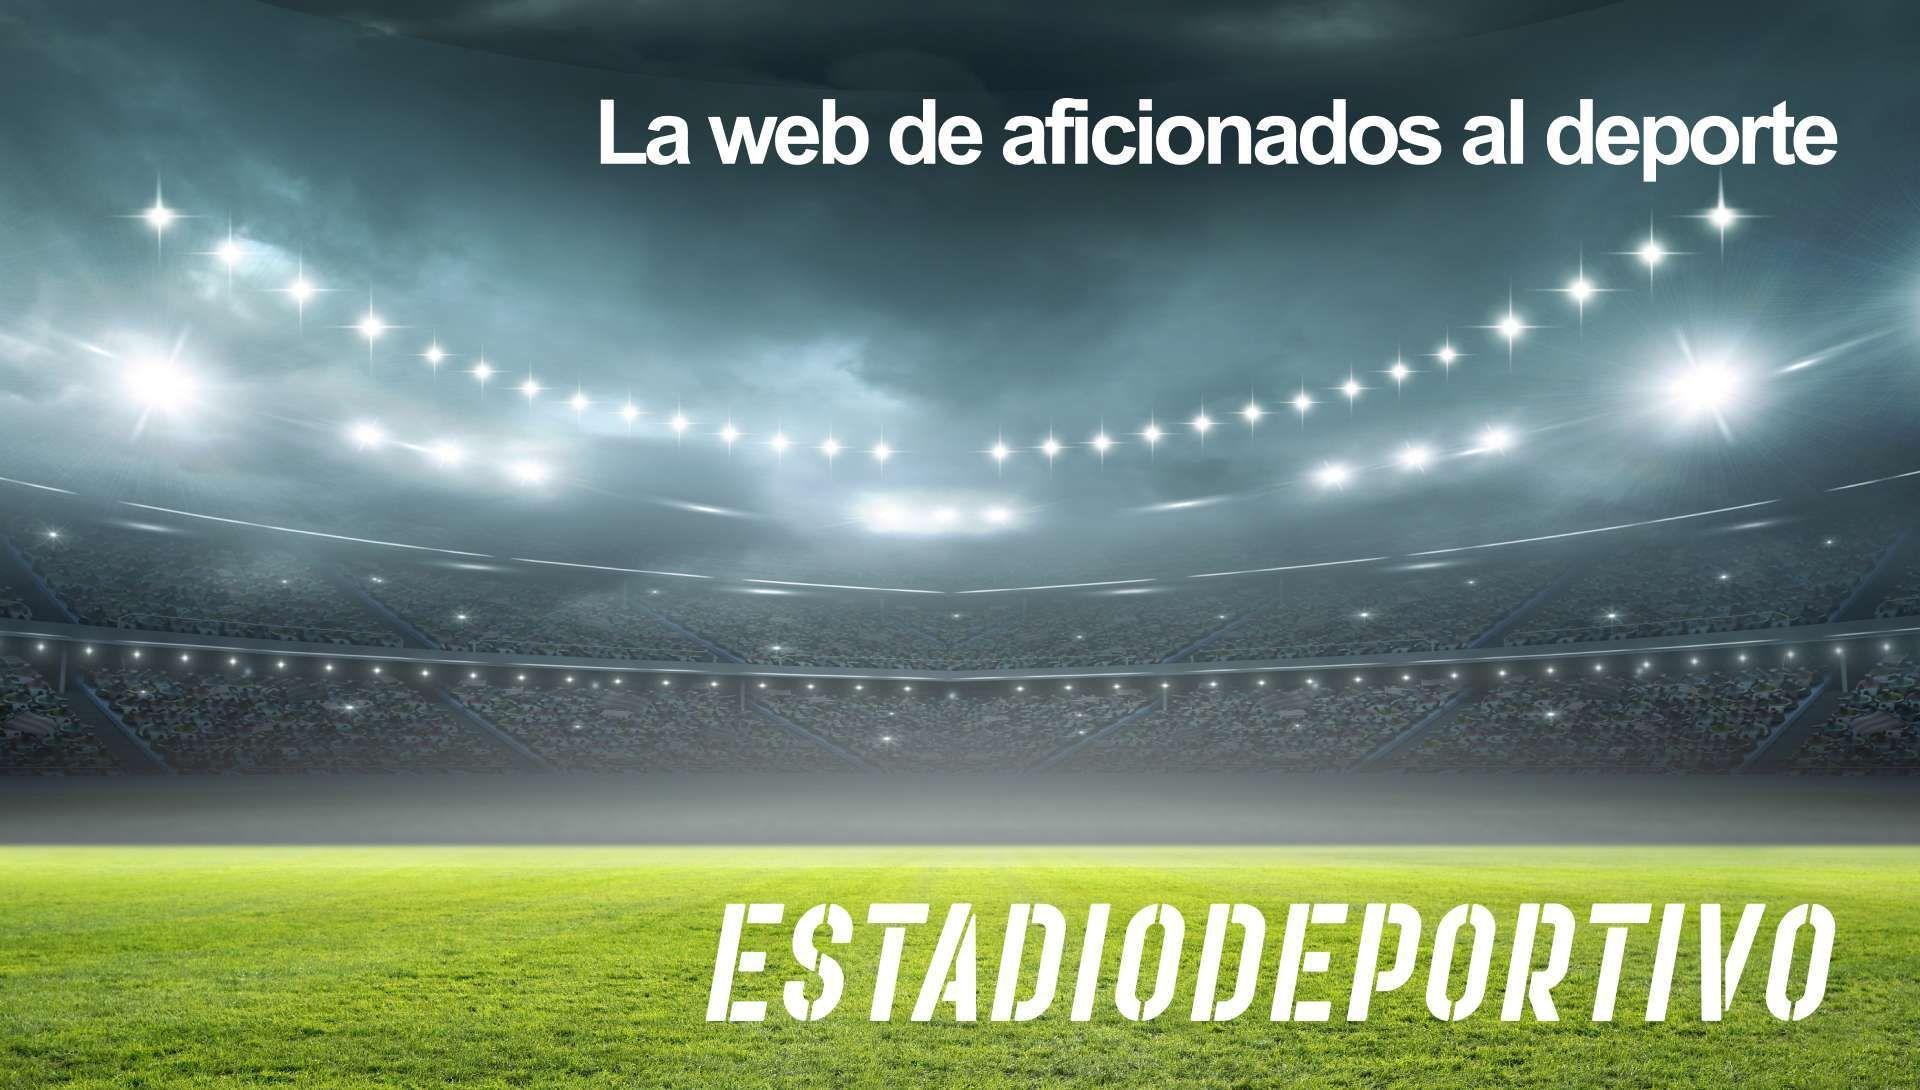 Los campeones olvidados de Francia